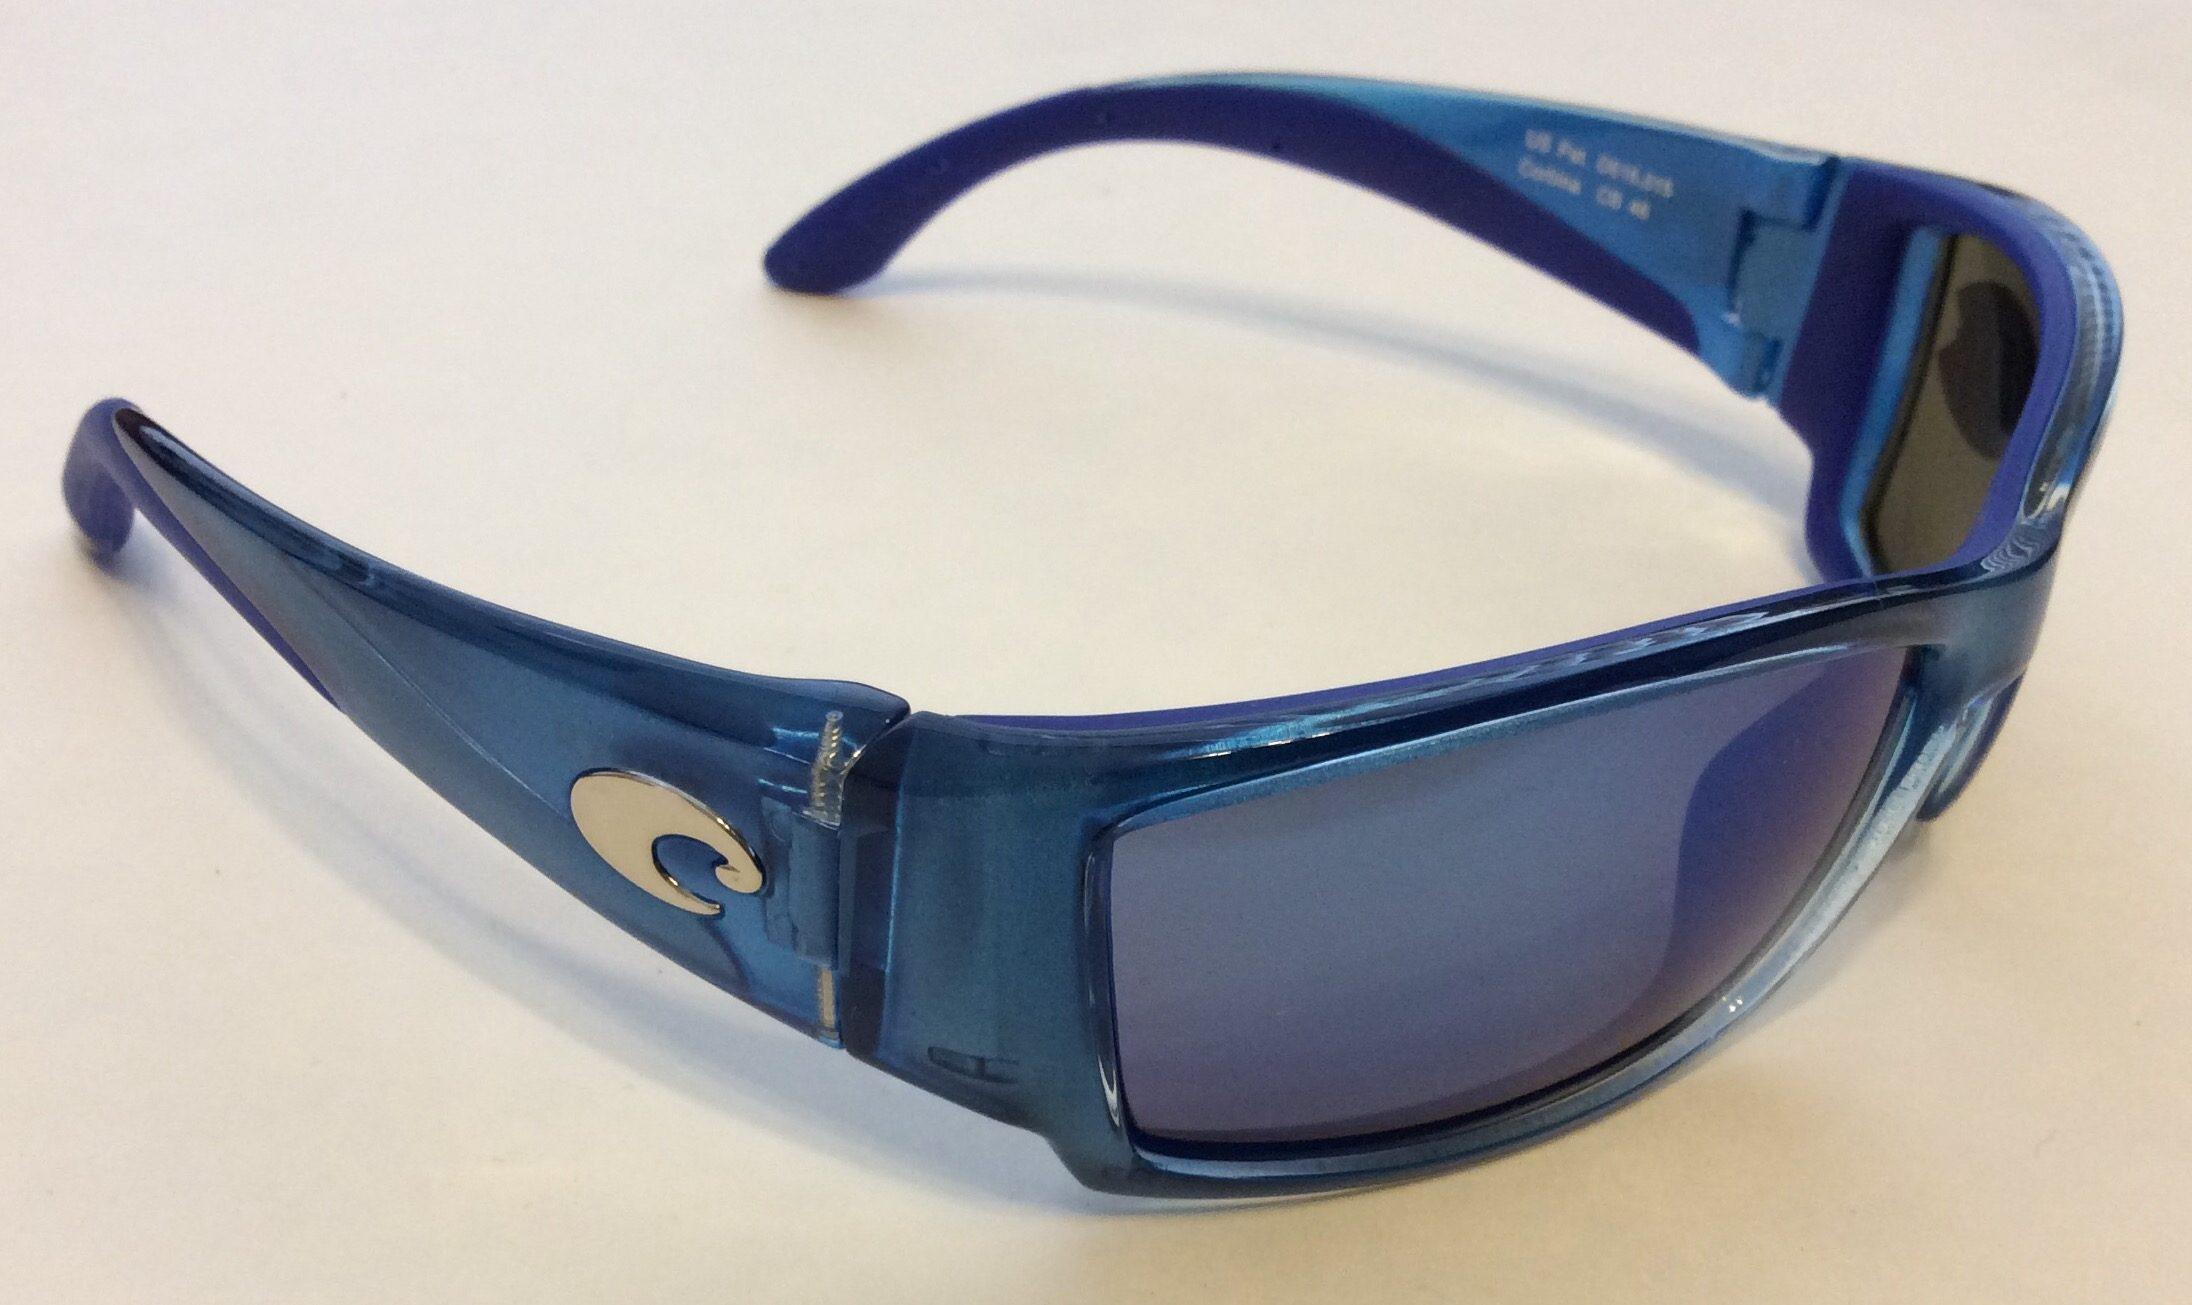 fed7425857 Costa Del Mar Corbina Sunglasses - Sky Blue POLARIZED Mirror 400G Glass